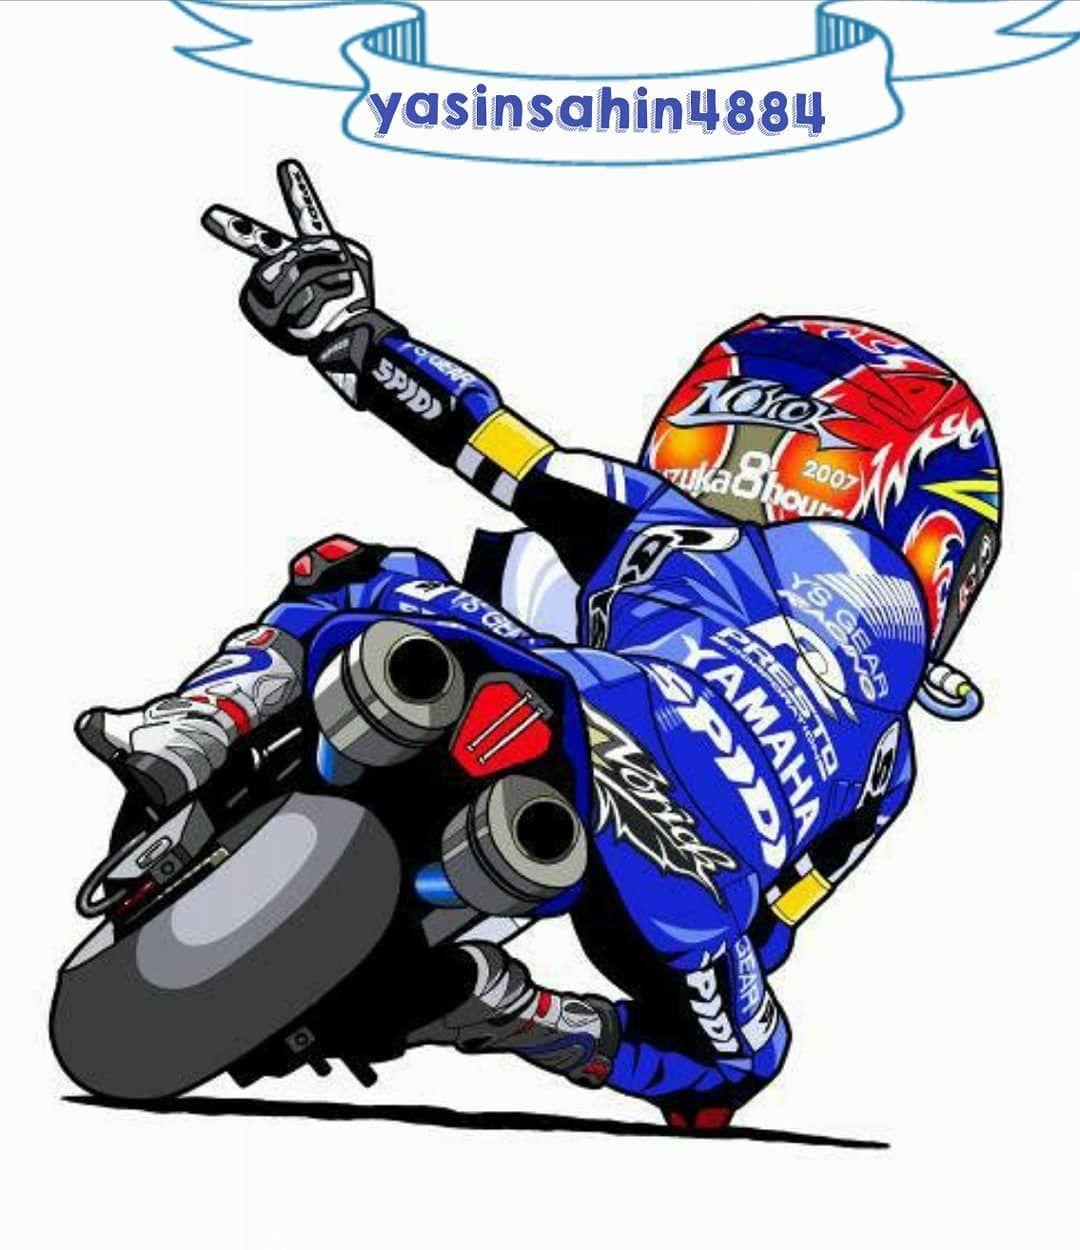 Todo sobre motos